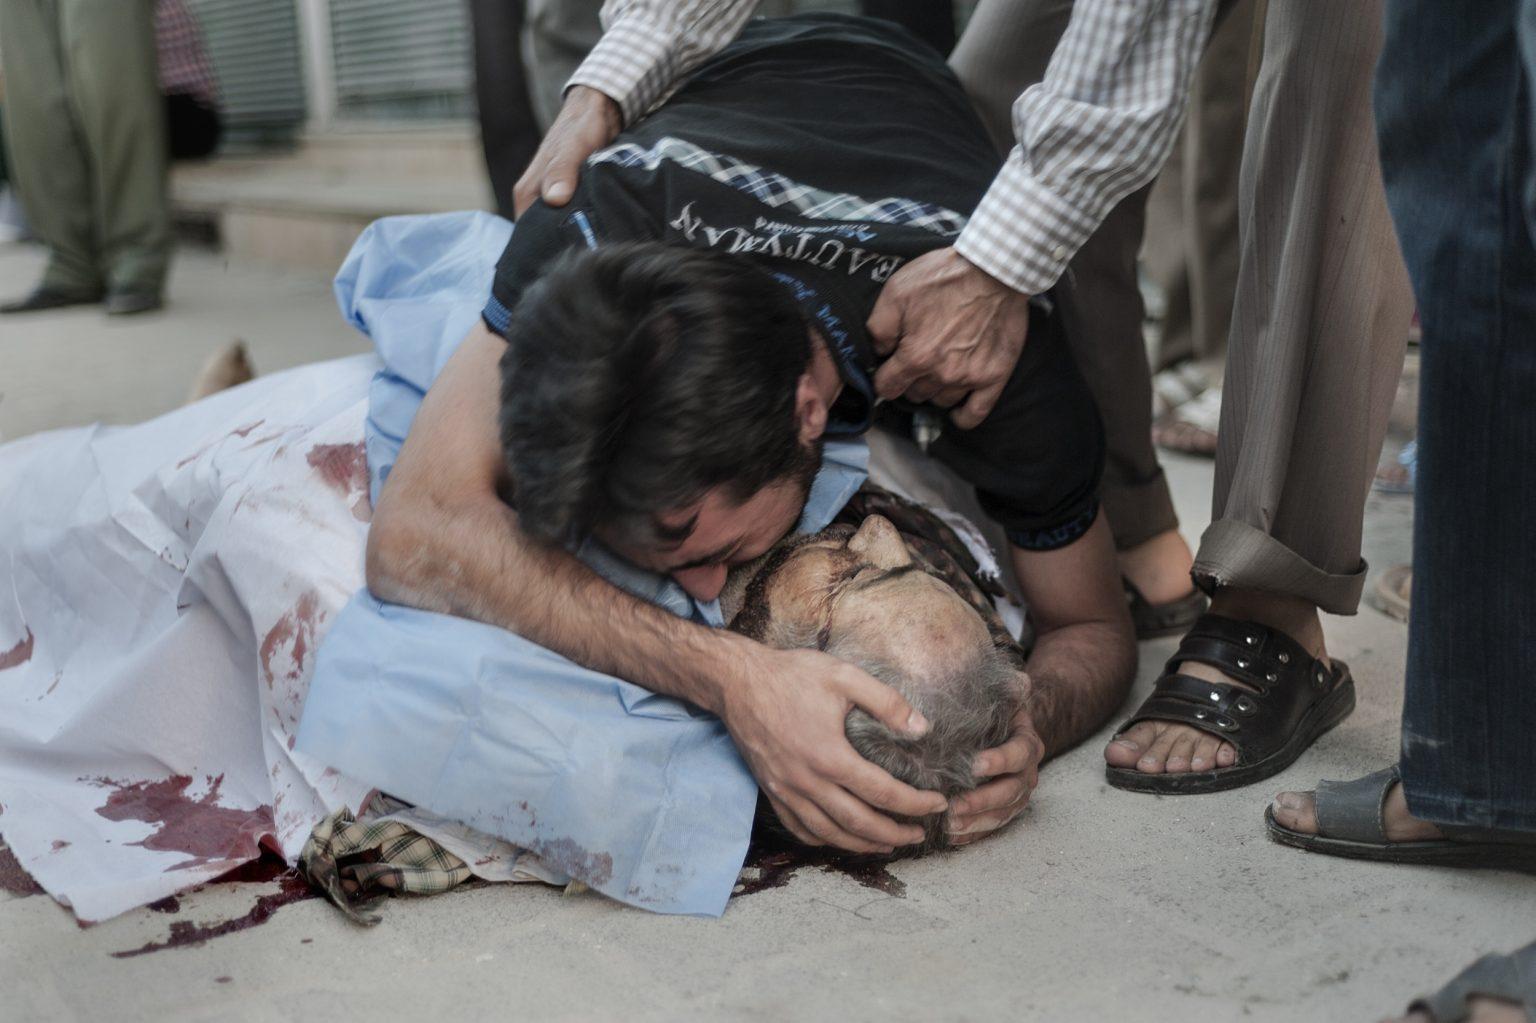 Aleppo, Syria - September 29th 2012 - a man mourns the death of his father, who died in an air raid. ————— Aleppo, Siria 2012 - un uomo piange la morte di suo padre, morto in un raid aereo.